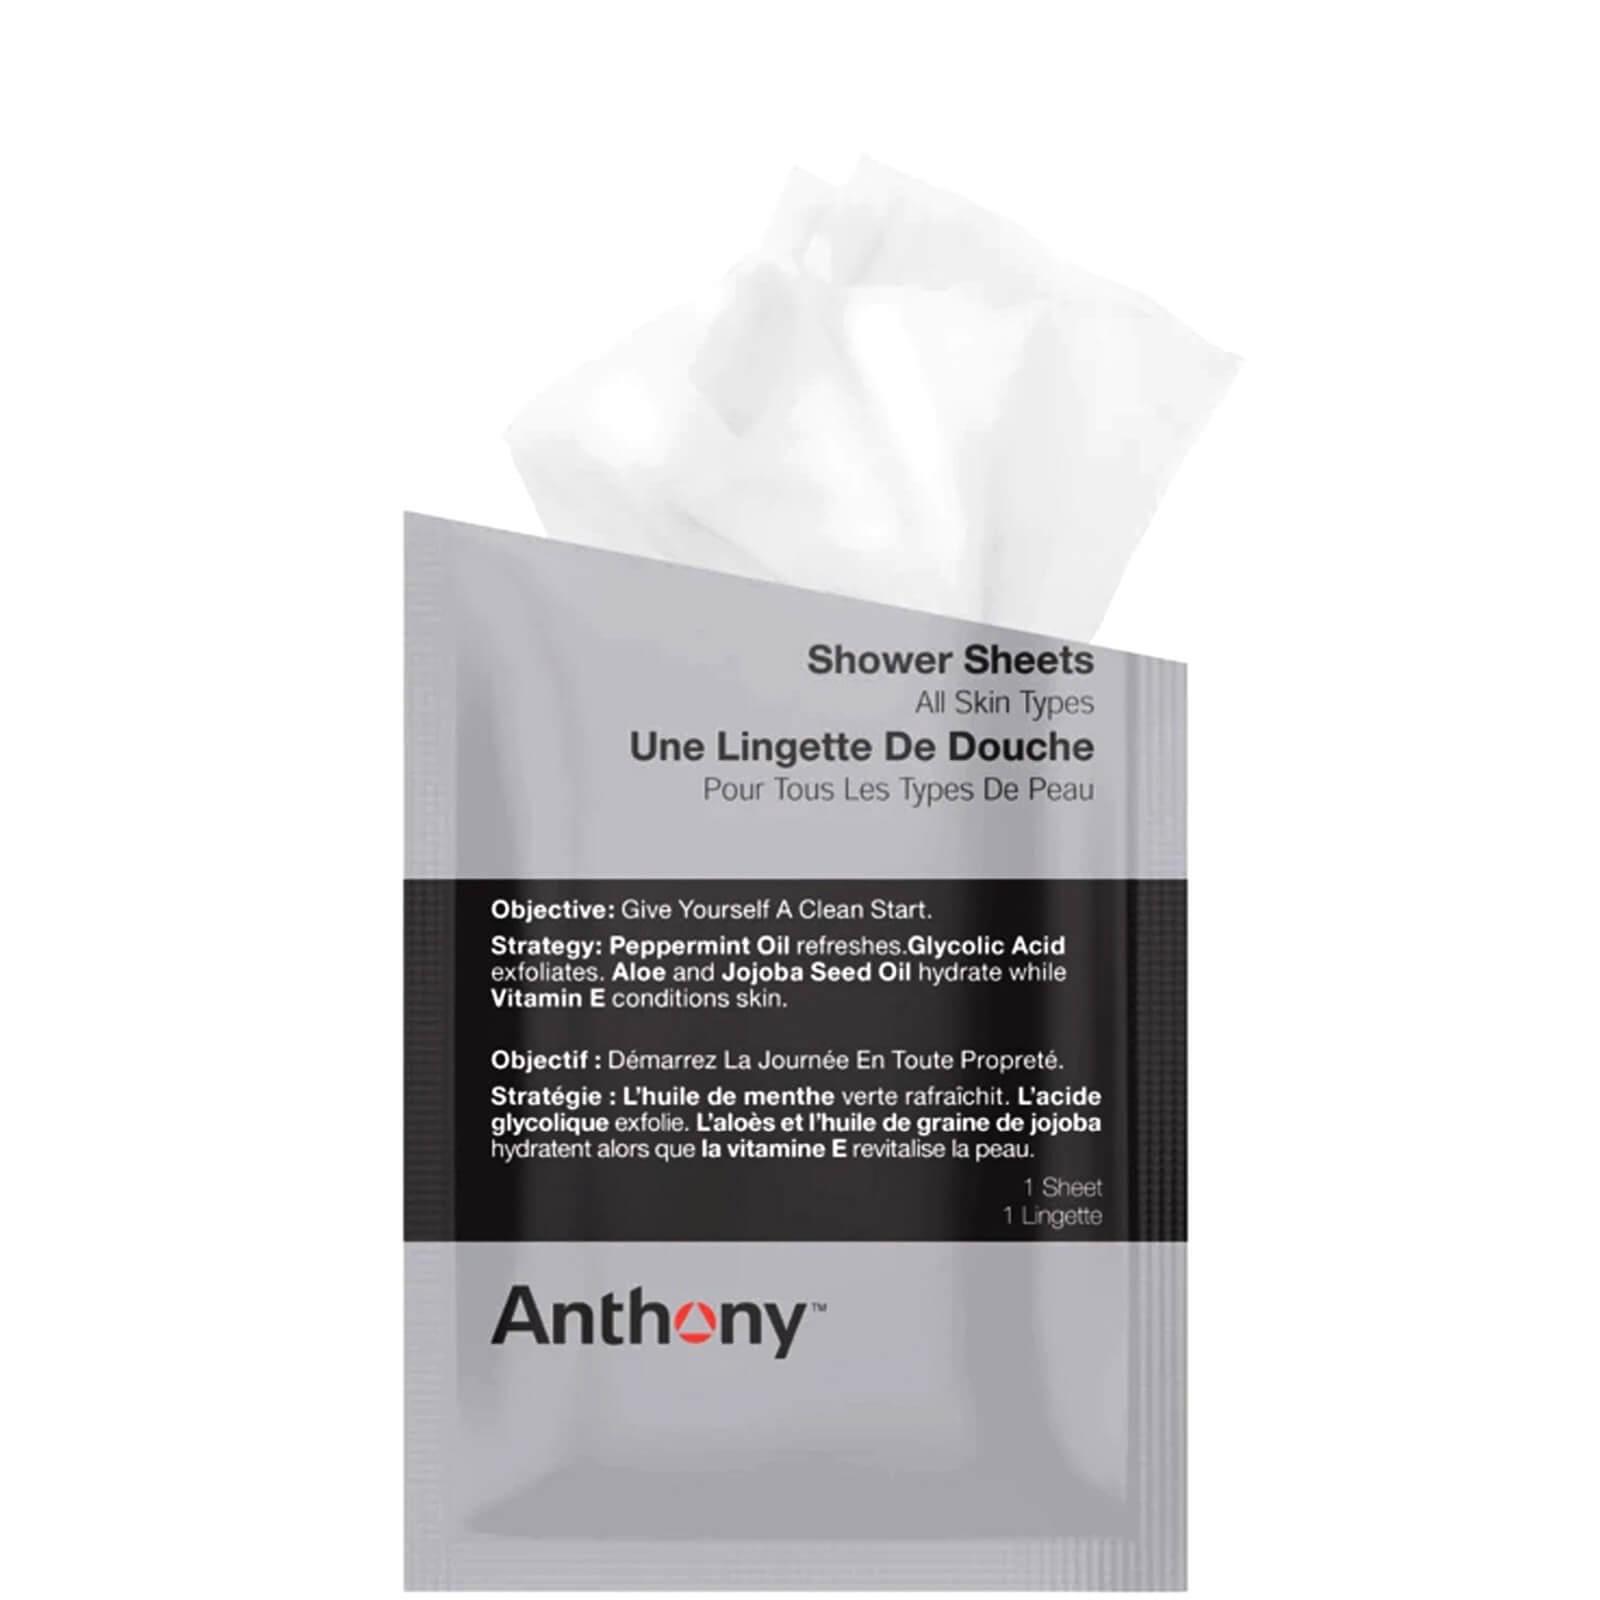 Купить Очищающие салфетки для тела Anthony Shower Sheets (12 салфеток)